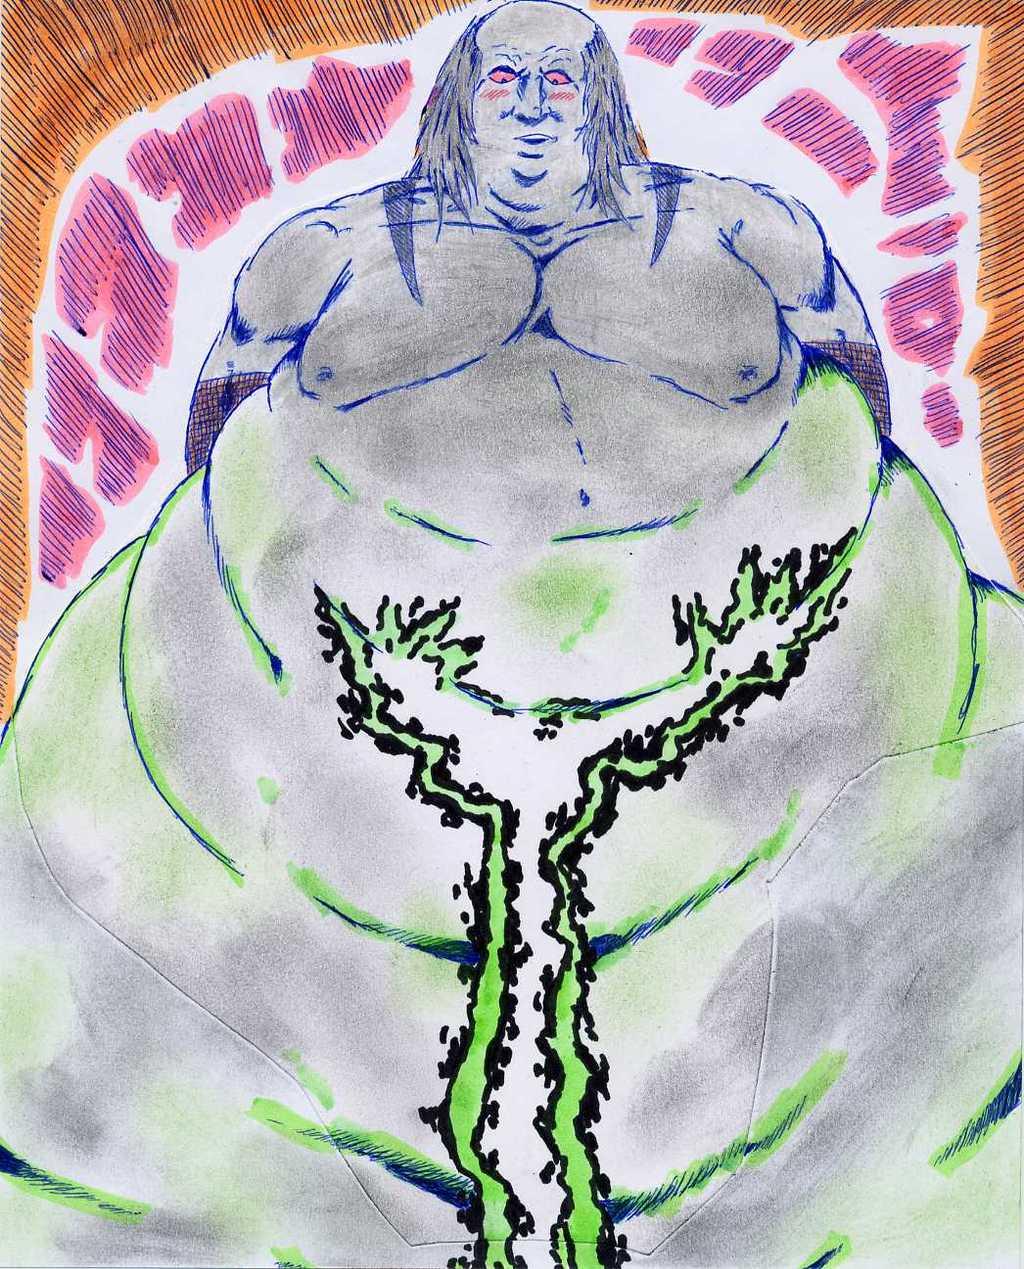 Stygorr fattening